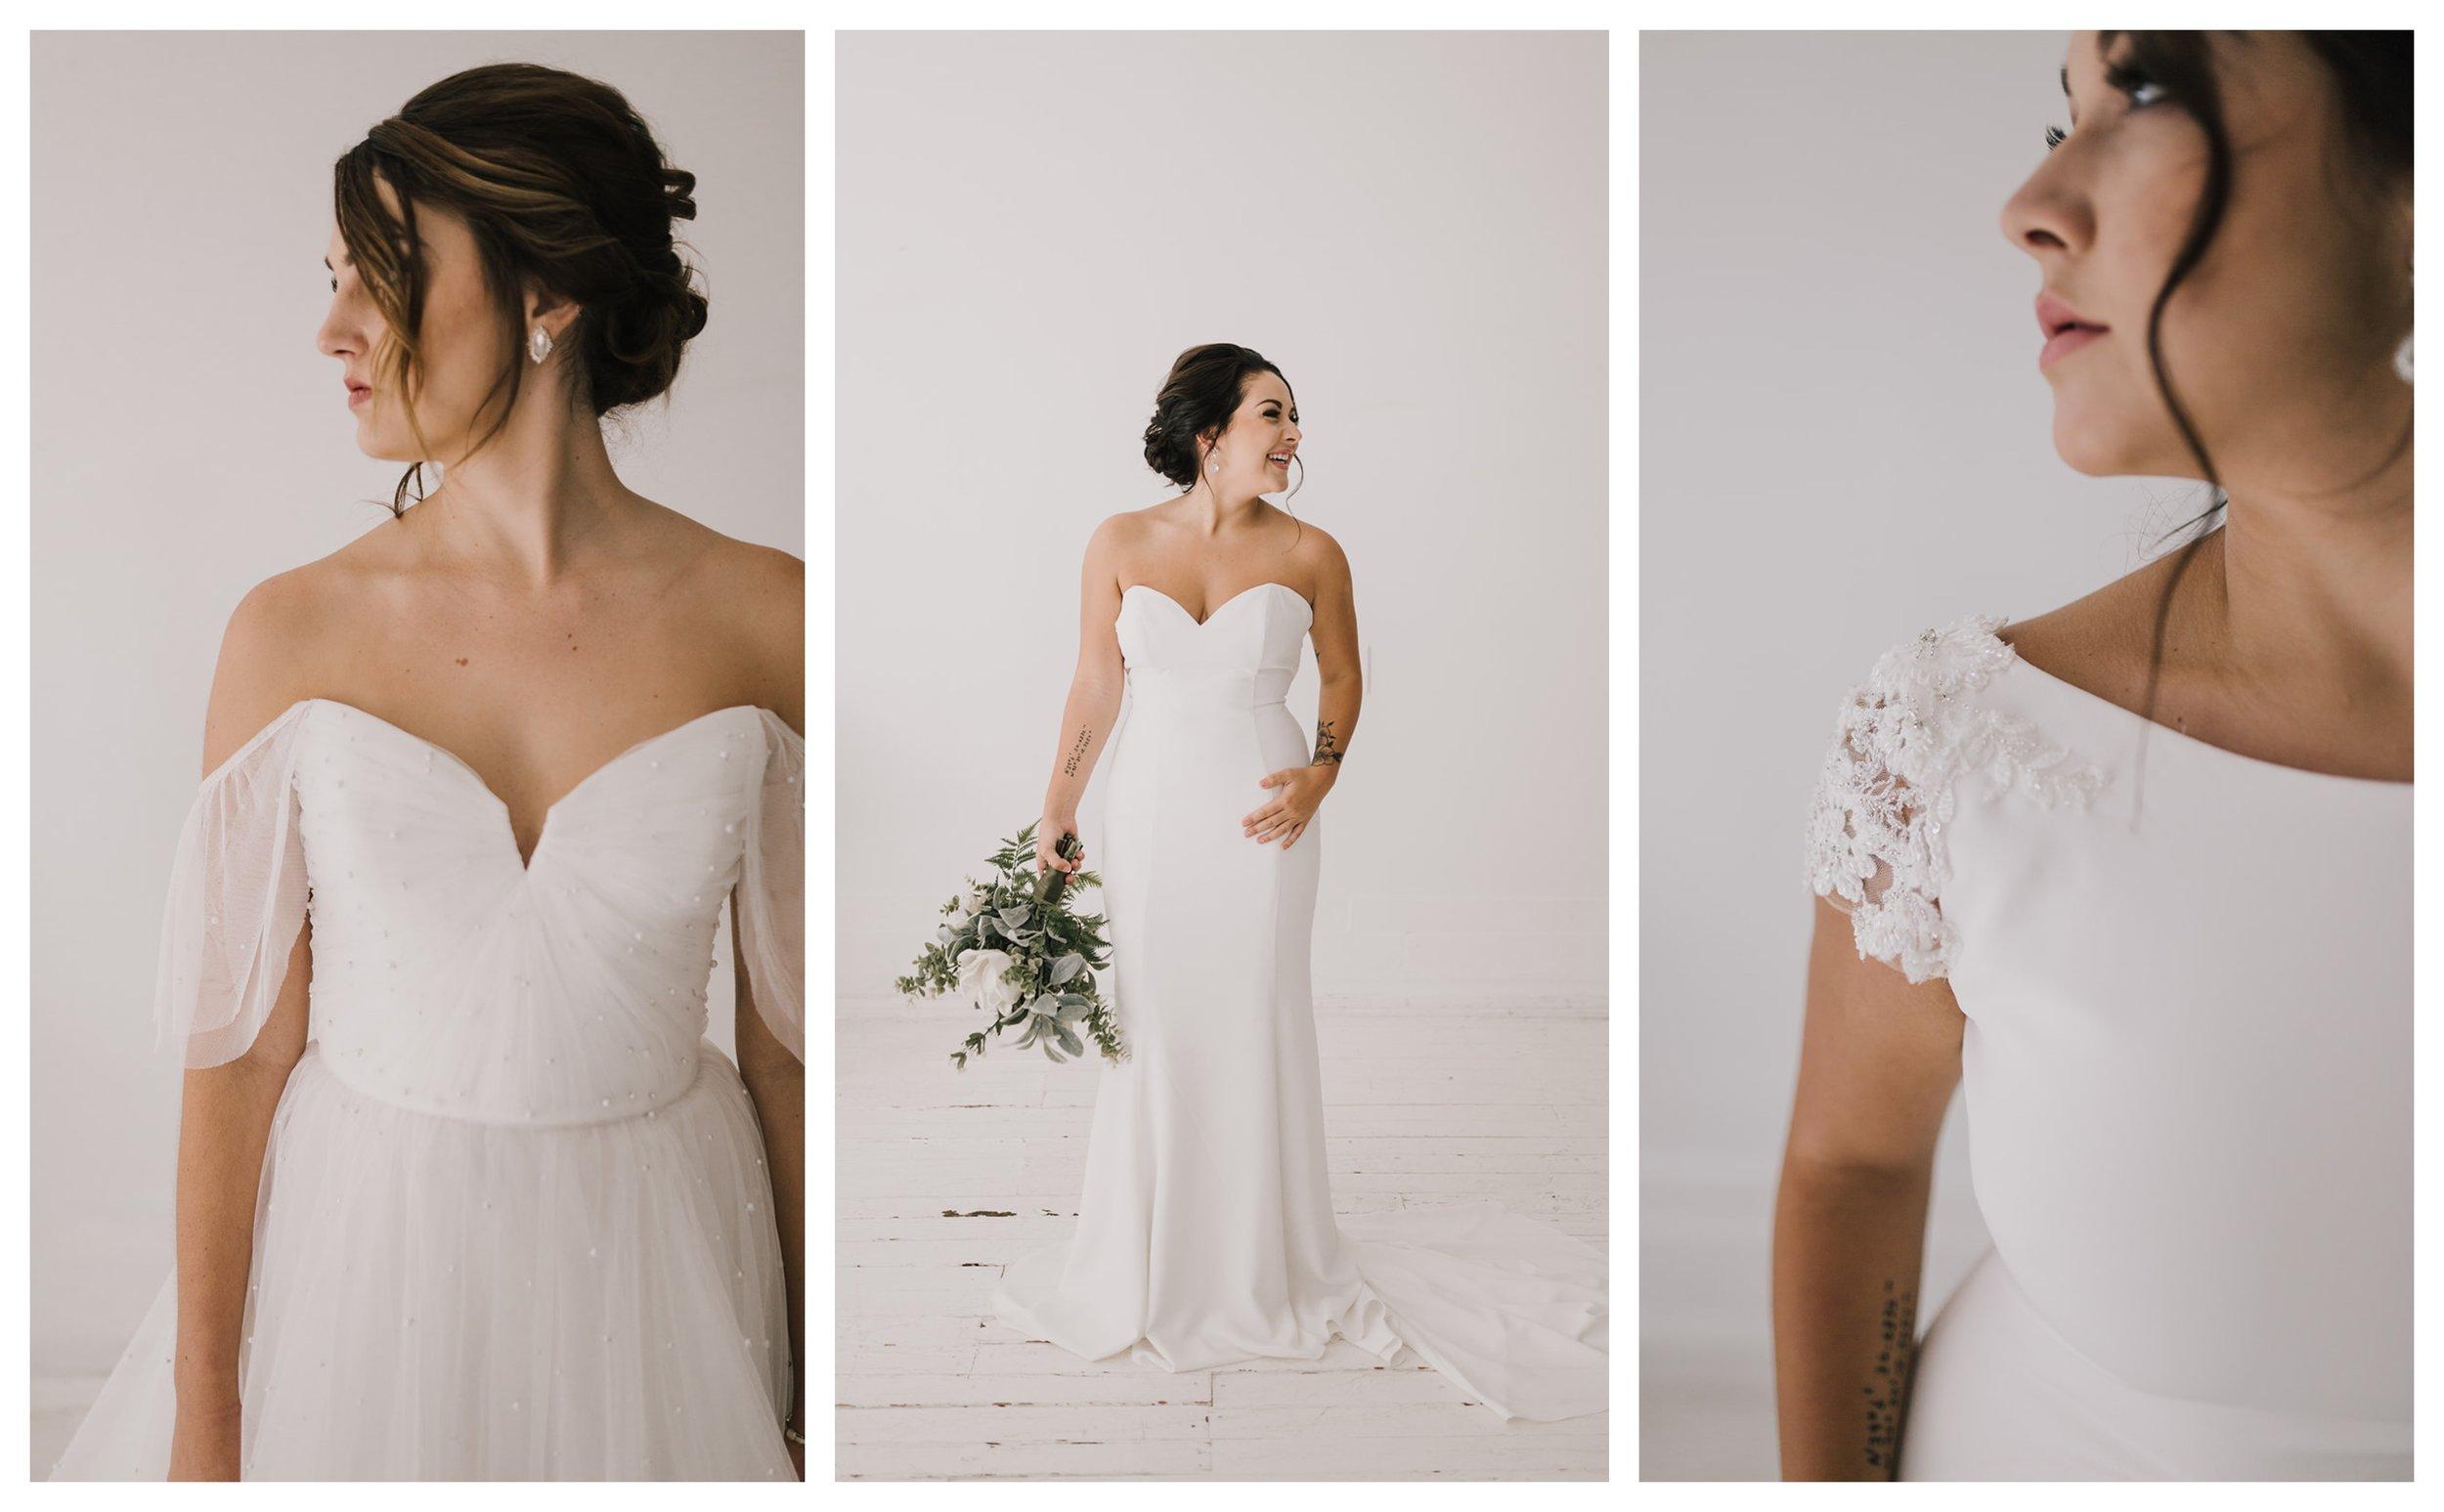 Photography:  Alyssa Barletter Photography  // Gowns: Nouvelle Amsale,  Casablanca Bridal ,  La Sposa